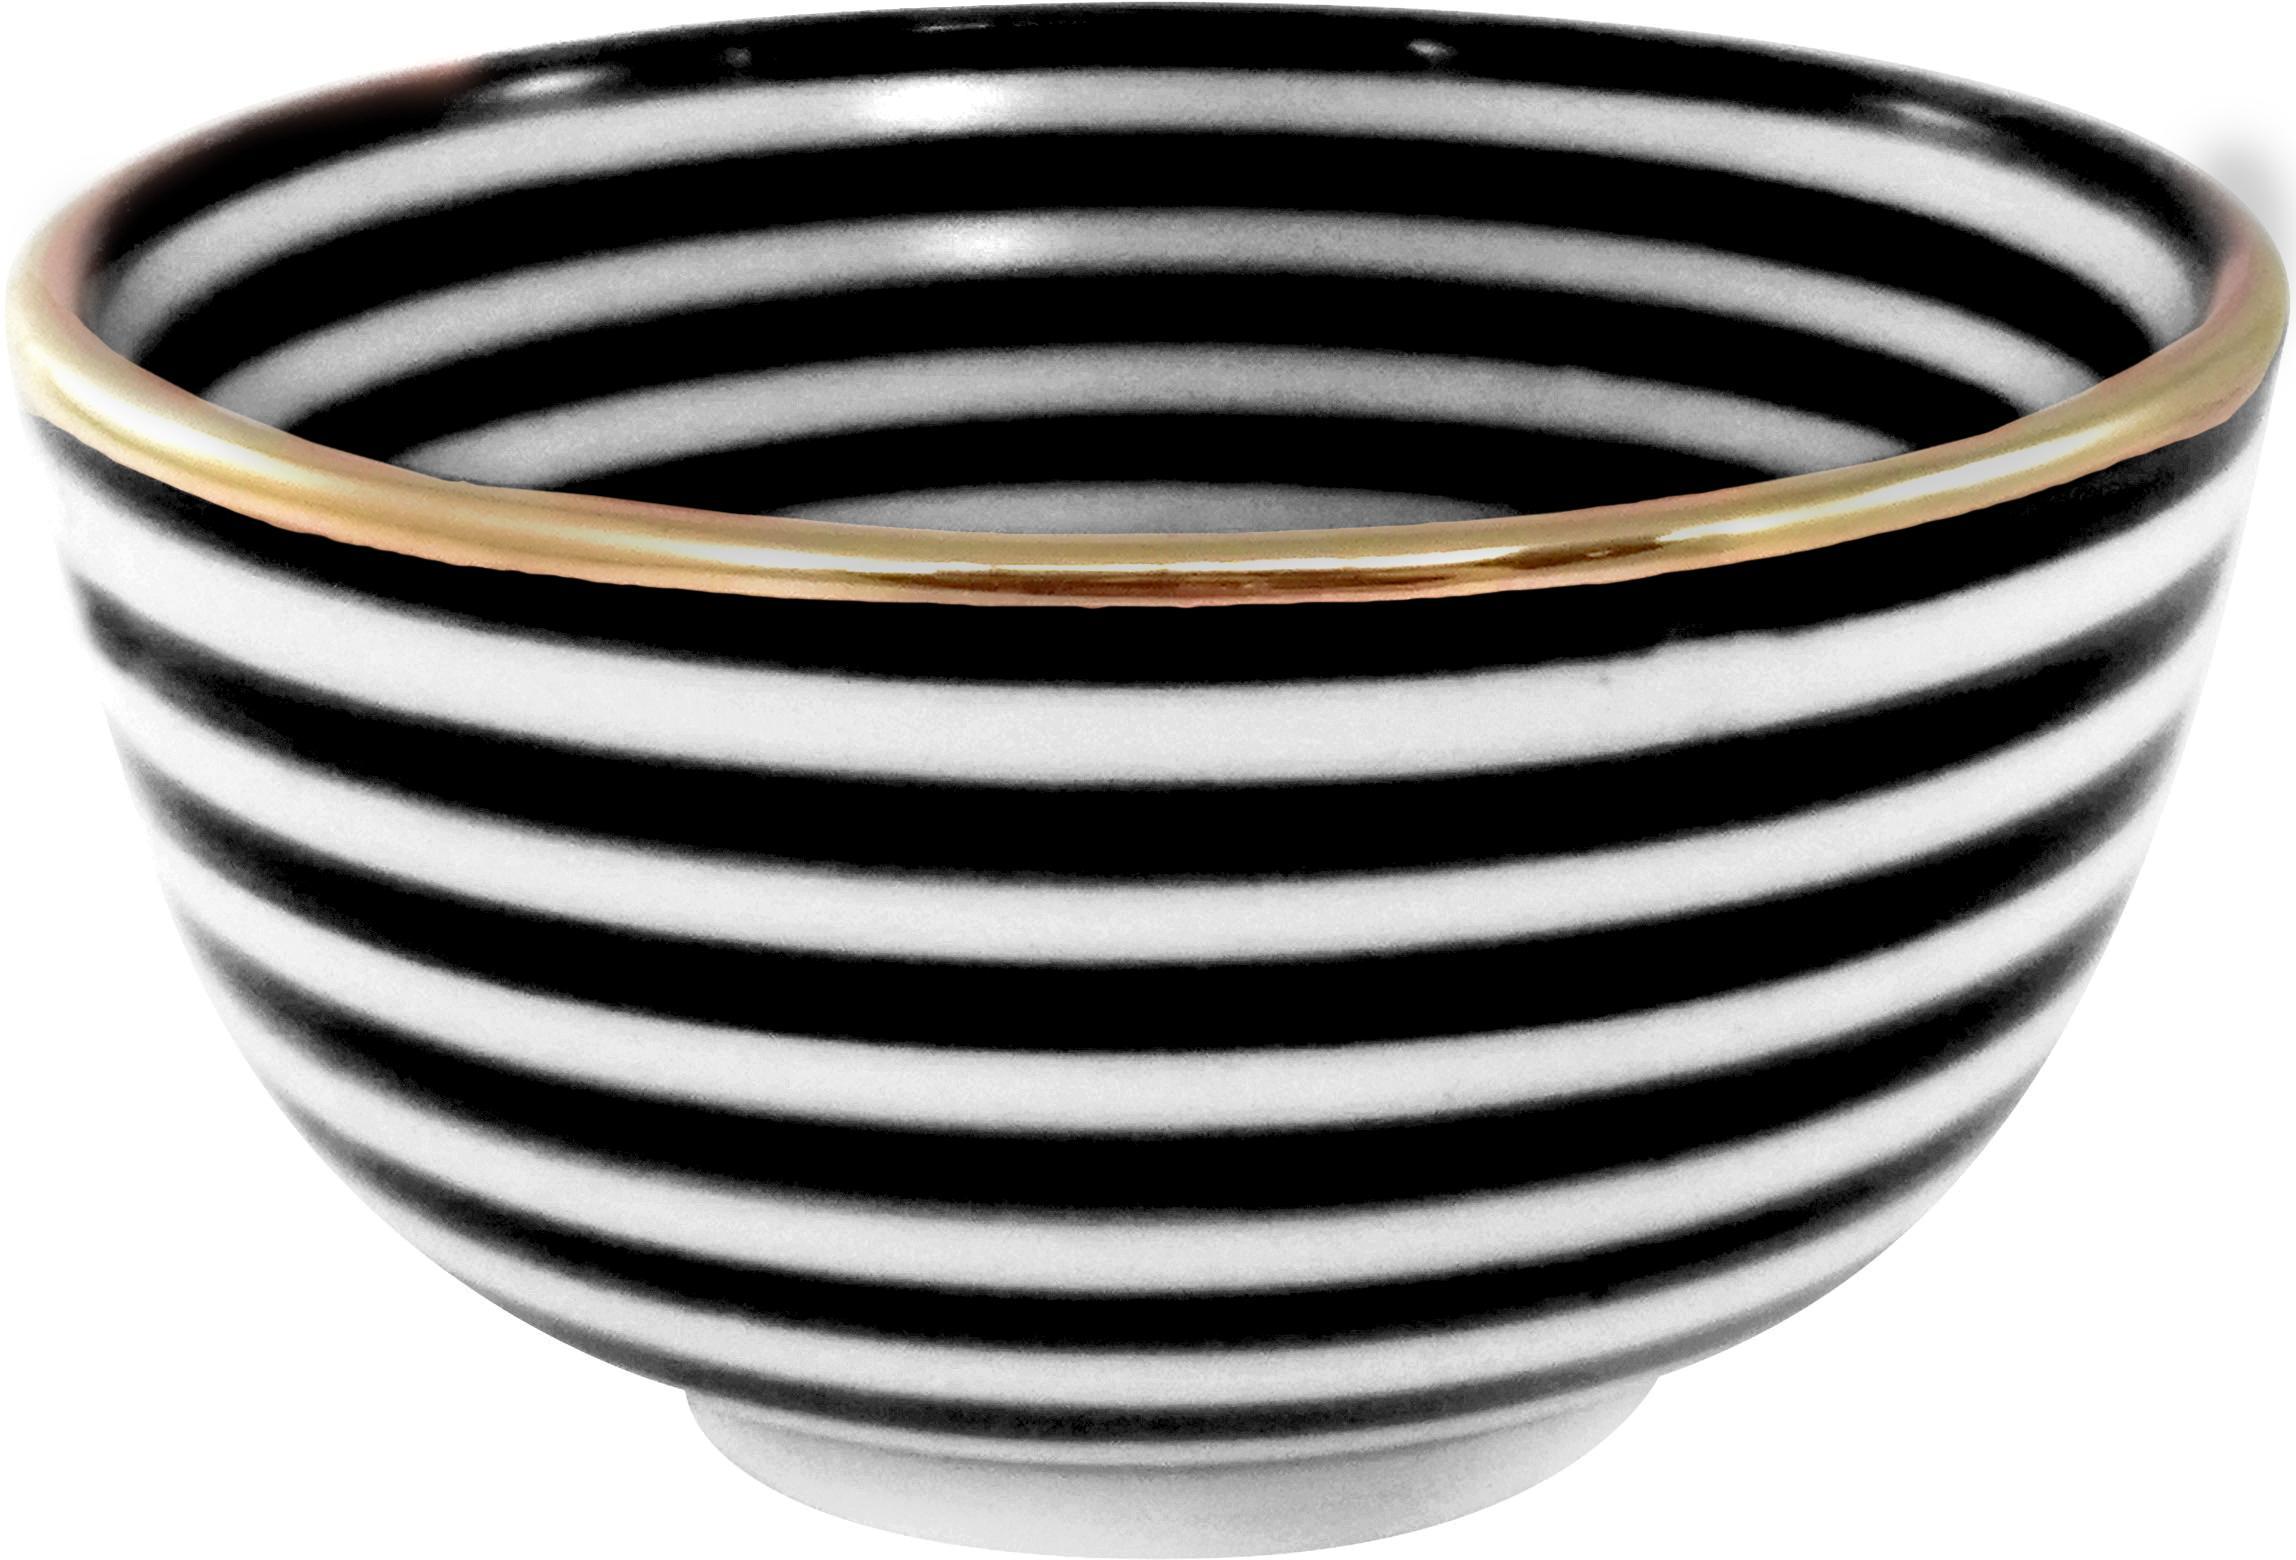 Handgemachte Salatschüssel Couleur mit Goldrand, Keramik, Schwarz, Cremefarben, Gold, Ø 25 x H 12 cm